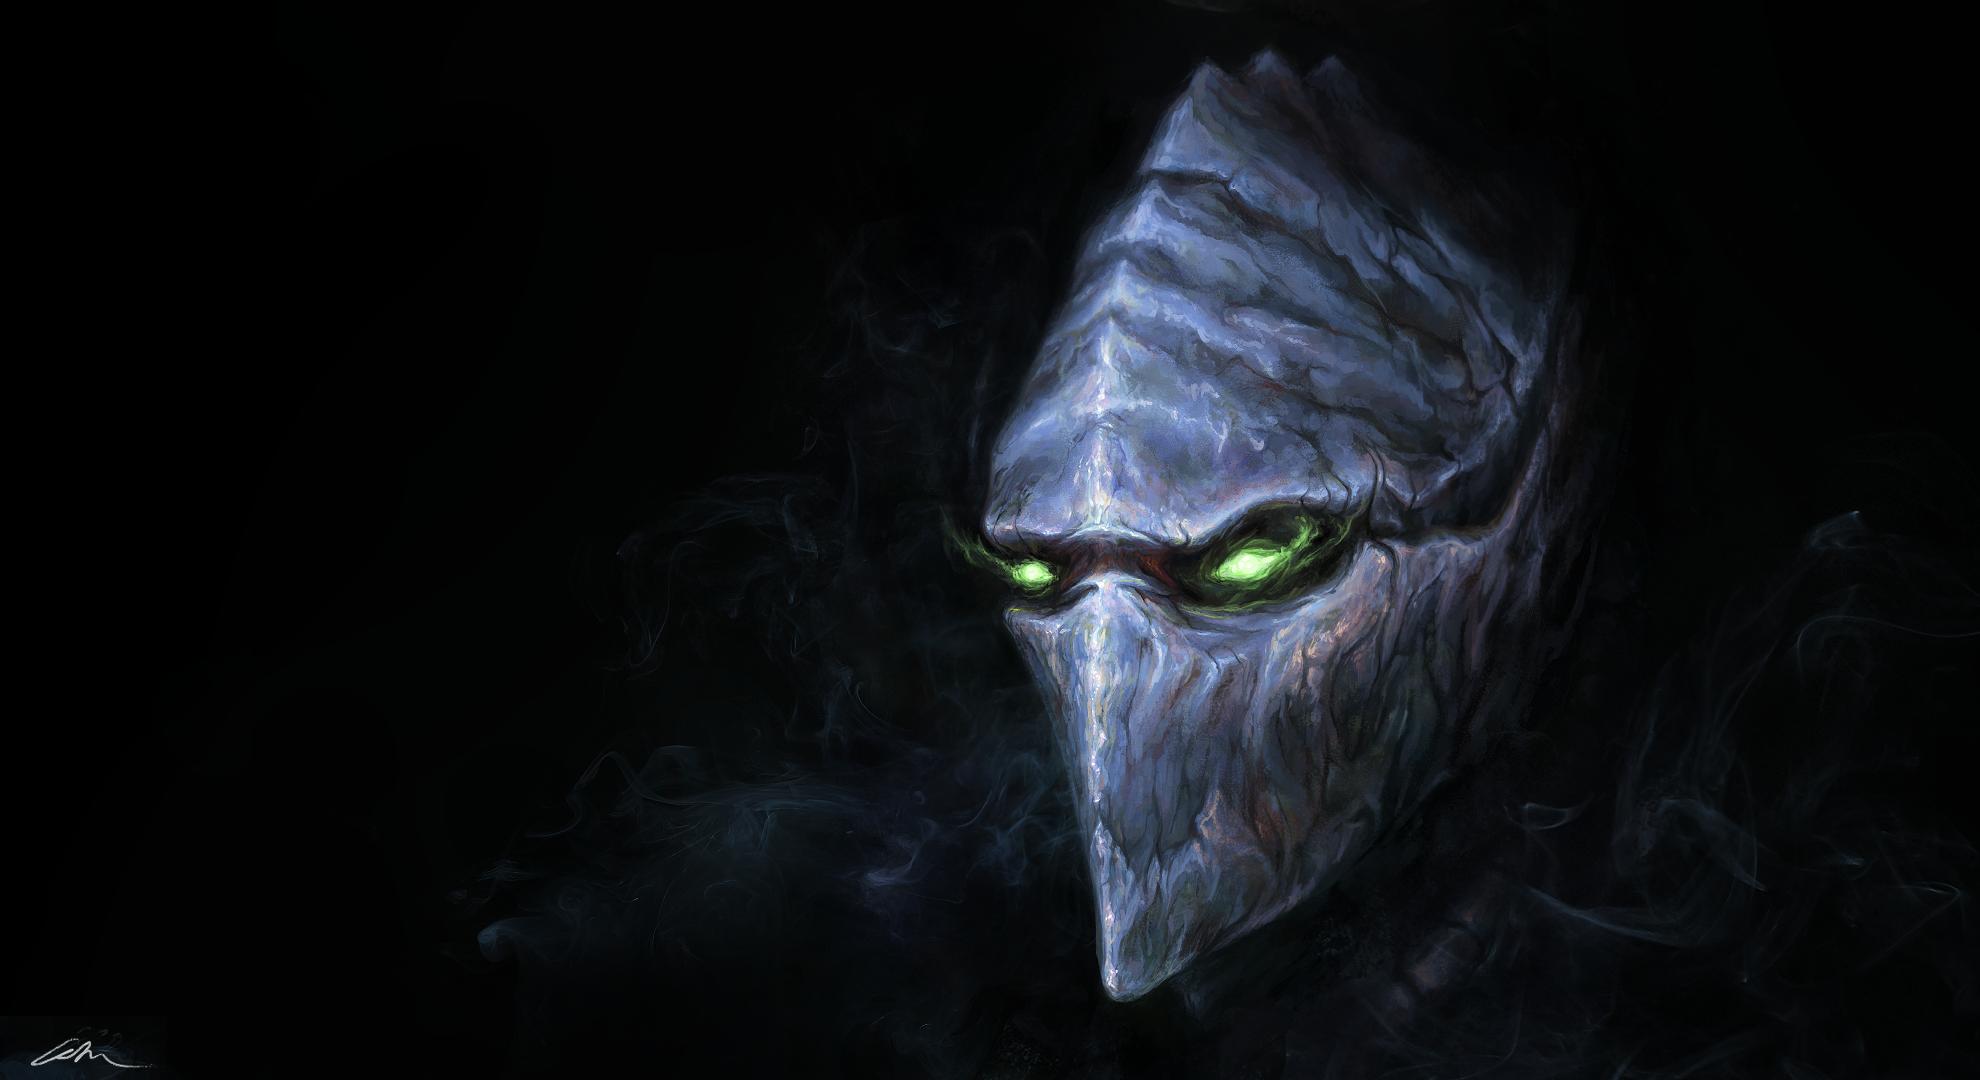 Dark Templar - Wallpaper version by oliverryanart